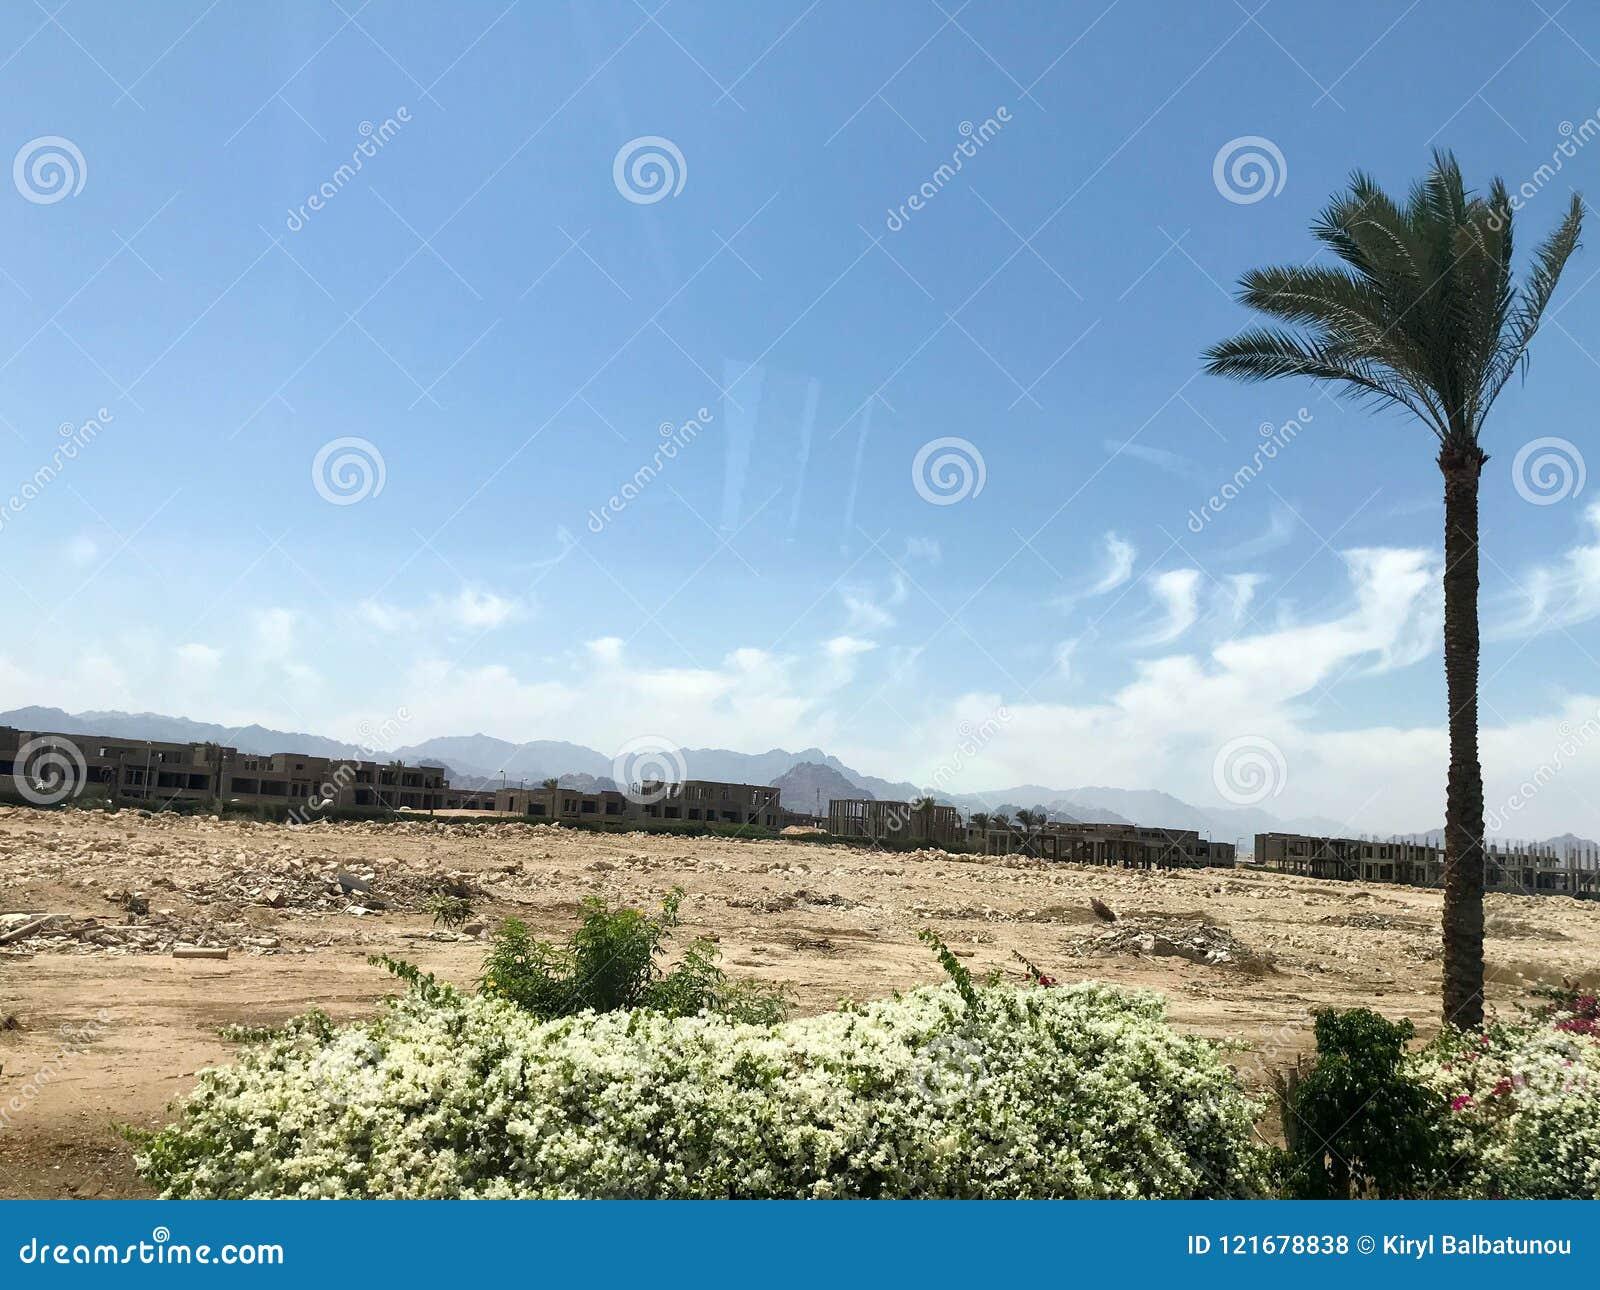 Samotny tropikalny drzewko palmowe w pustyni pod otwartym niebem na wakacje, tropikalny, południowy, ciepły kurort pod słońcem w